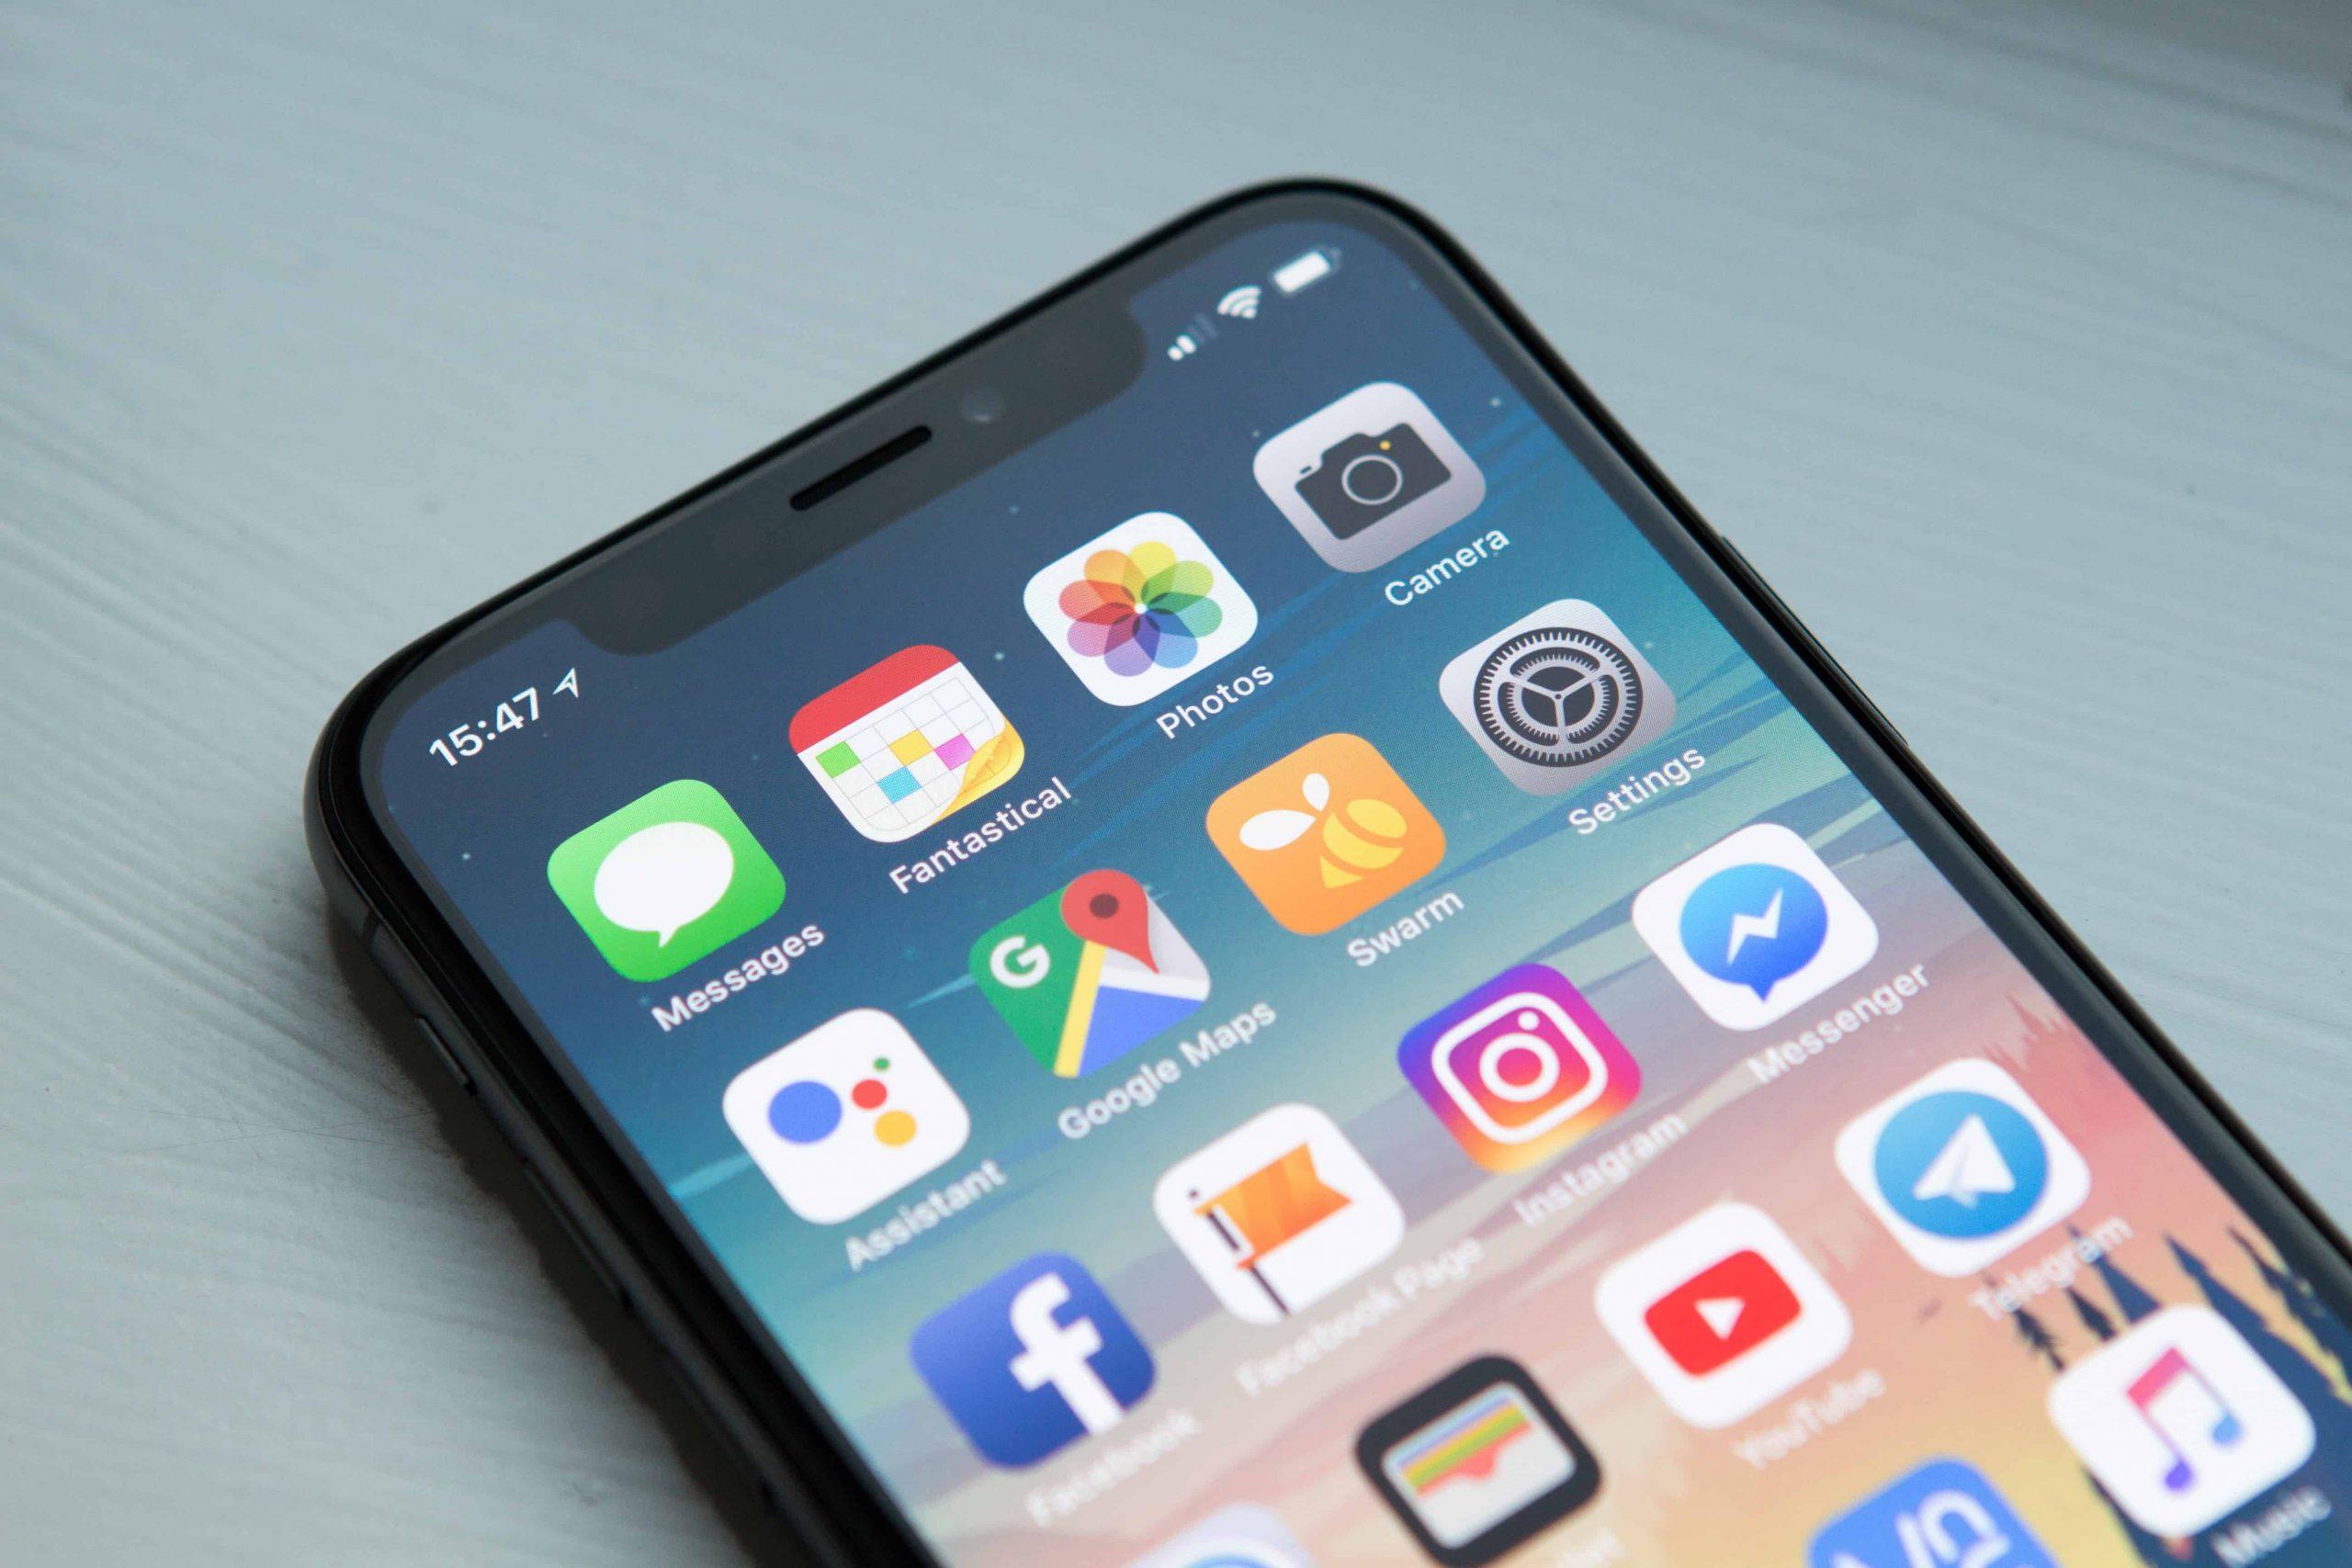 Miglior cellulare 2020: Guida all'acquisto